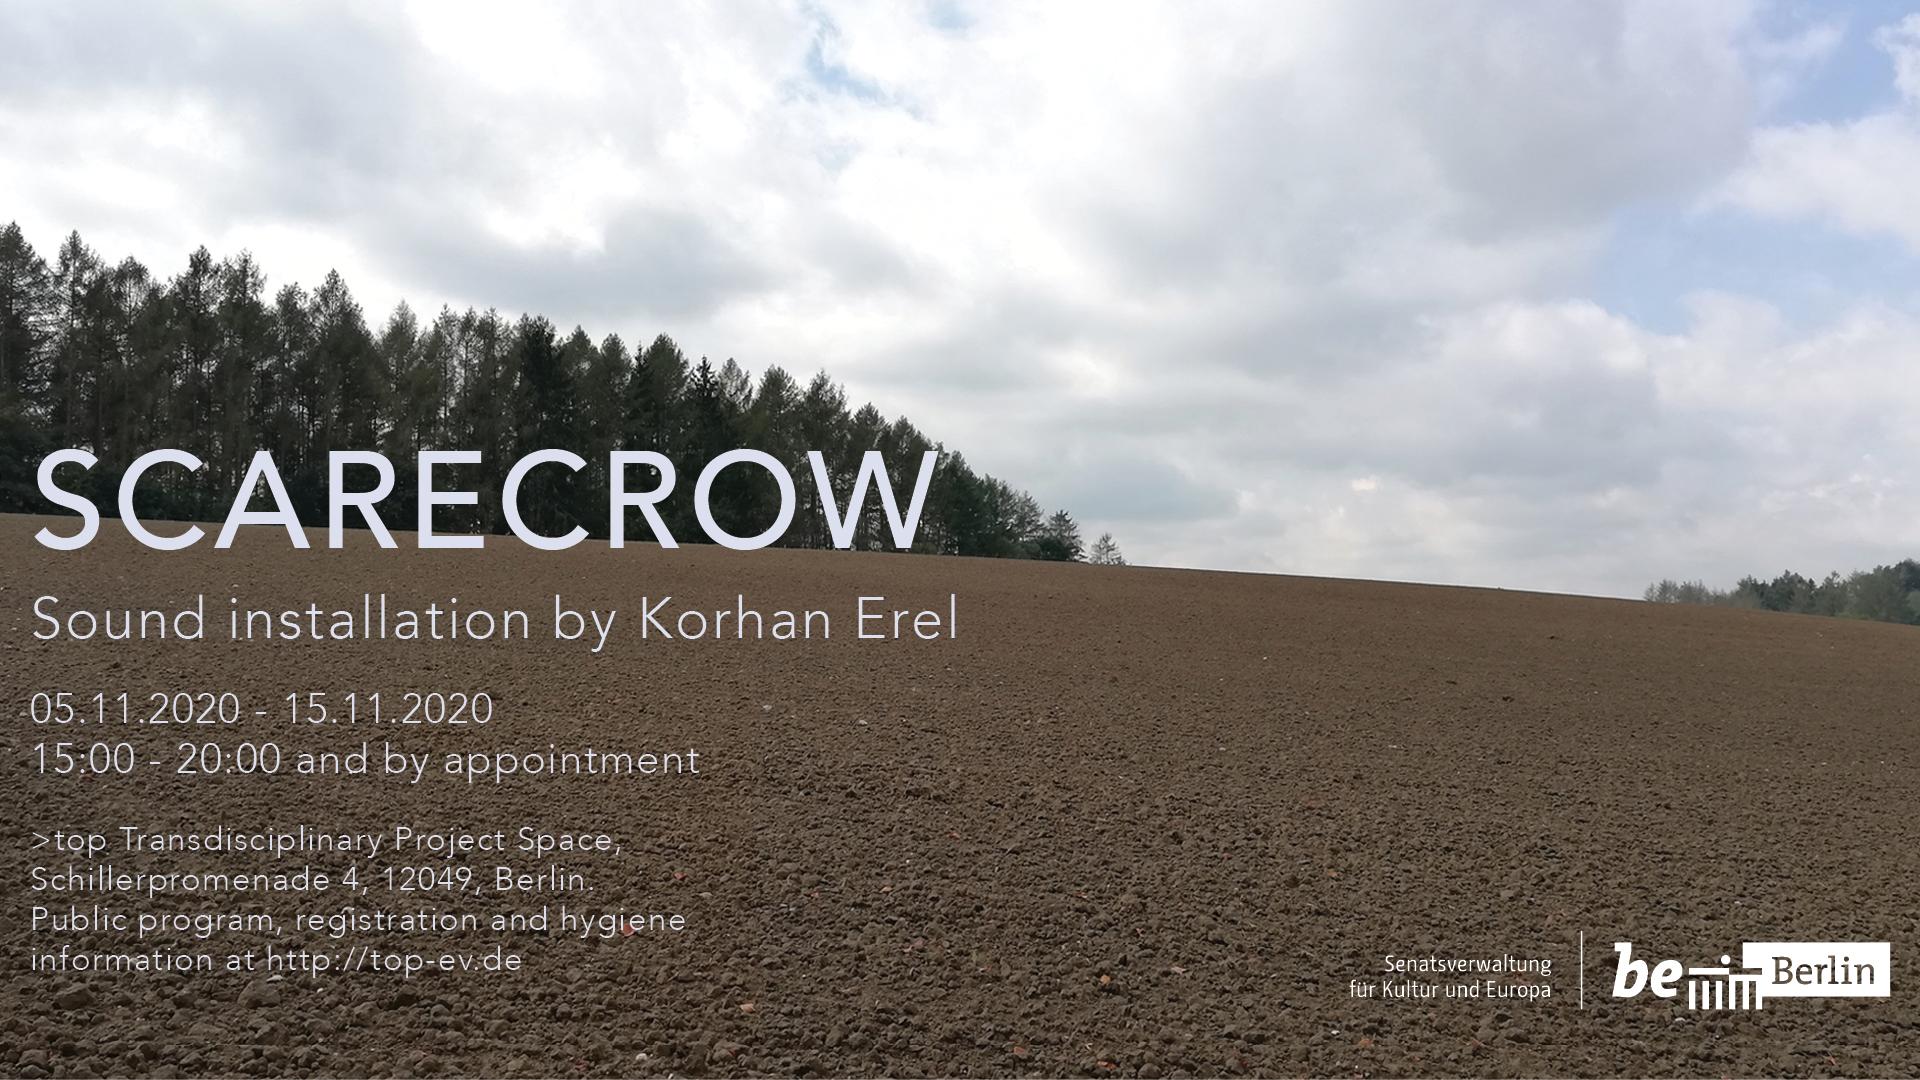 Scarecrow_Erel_poster